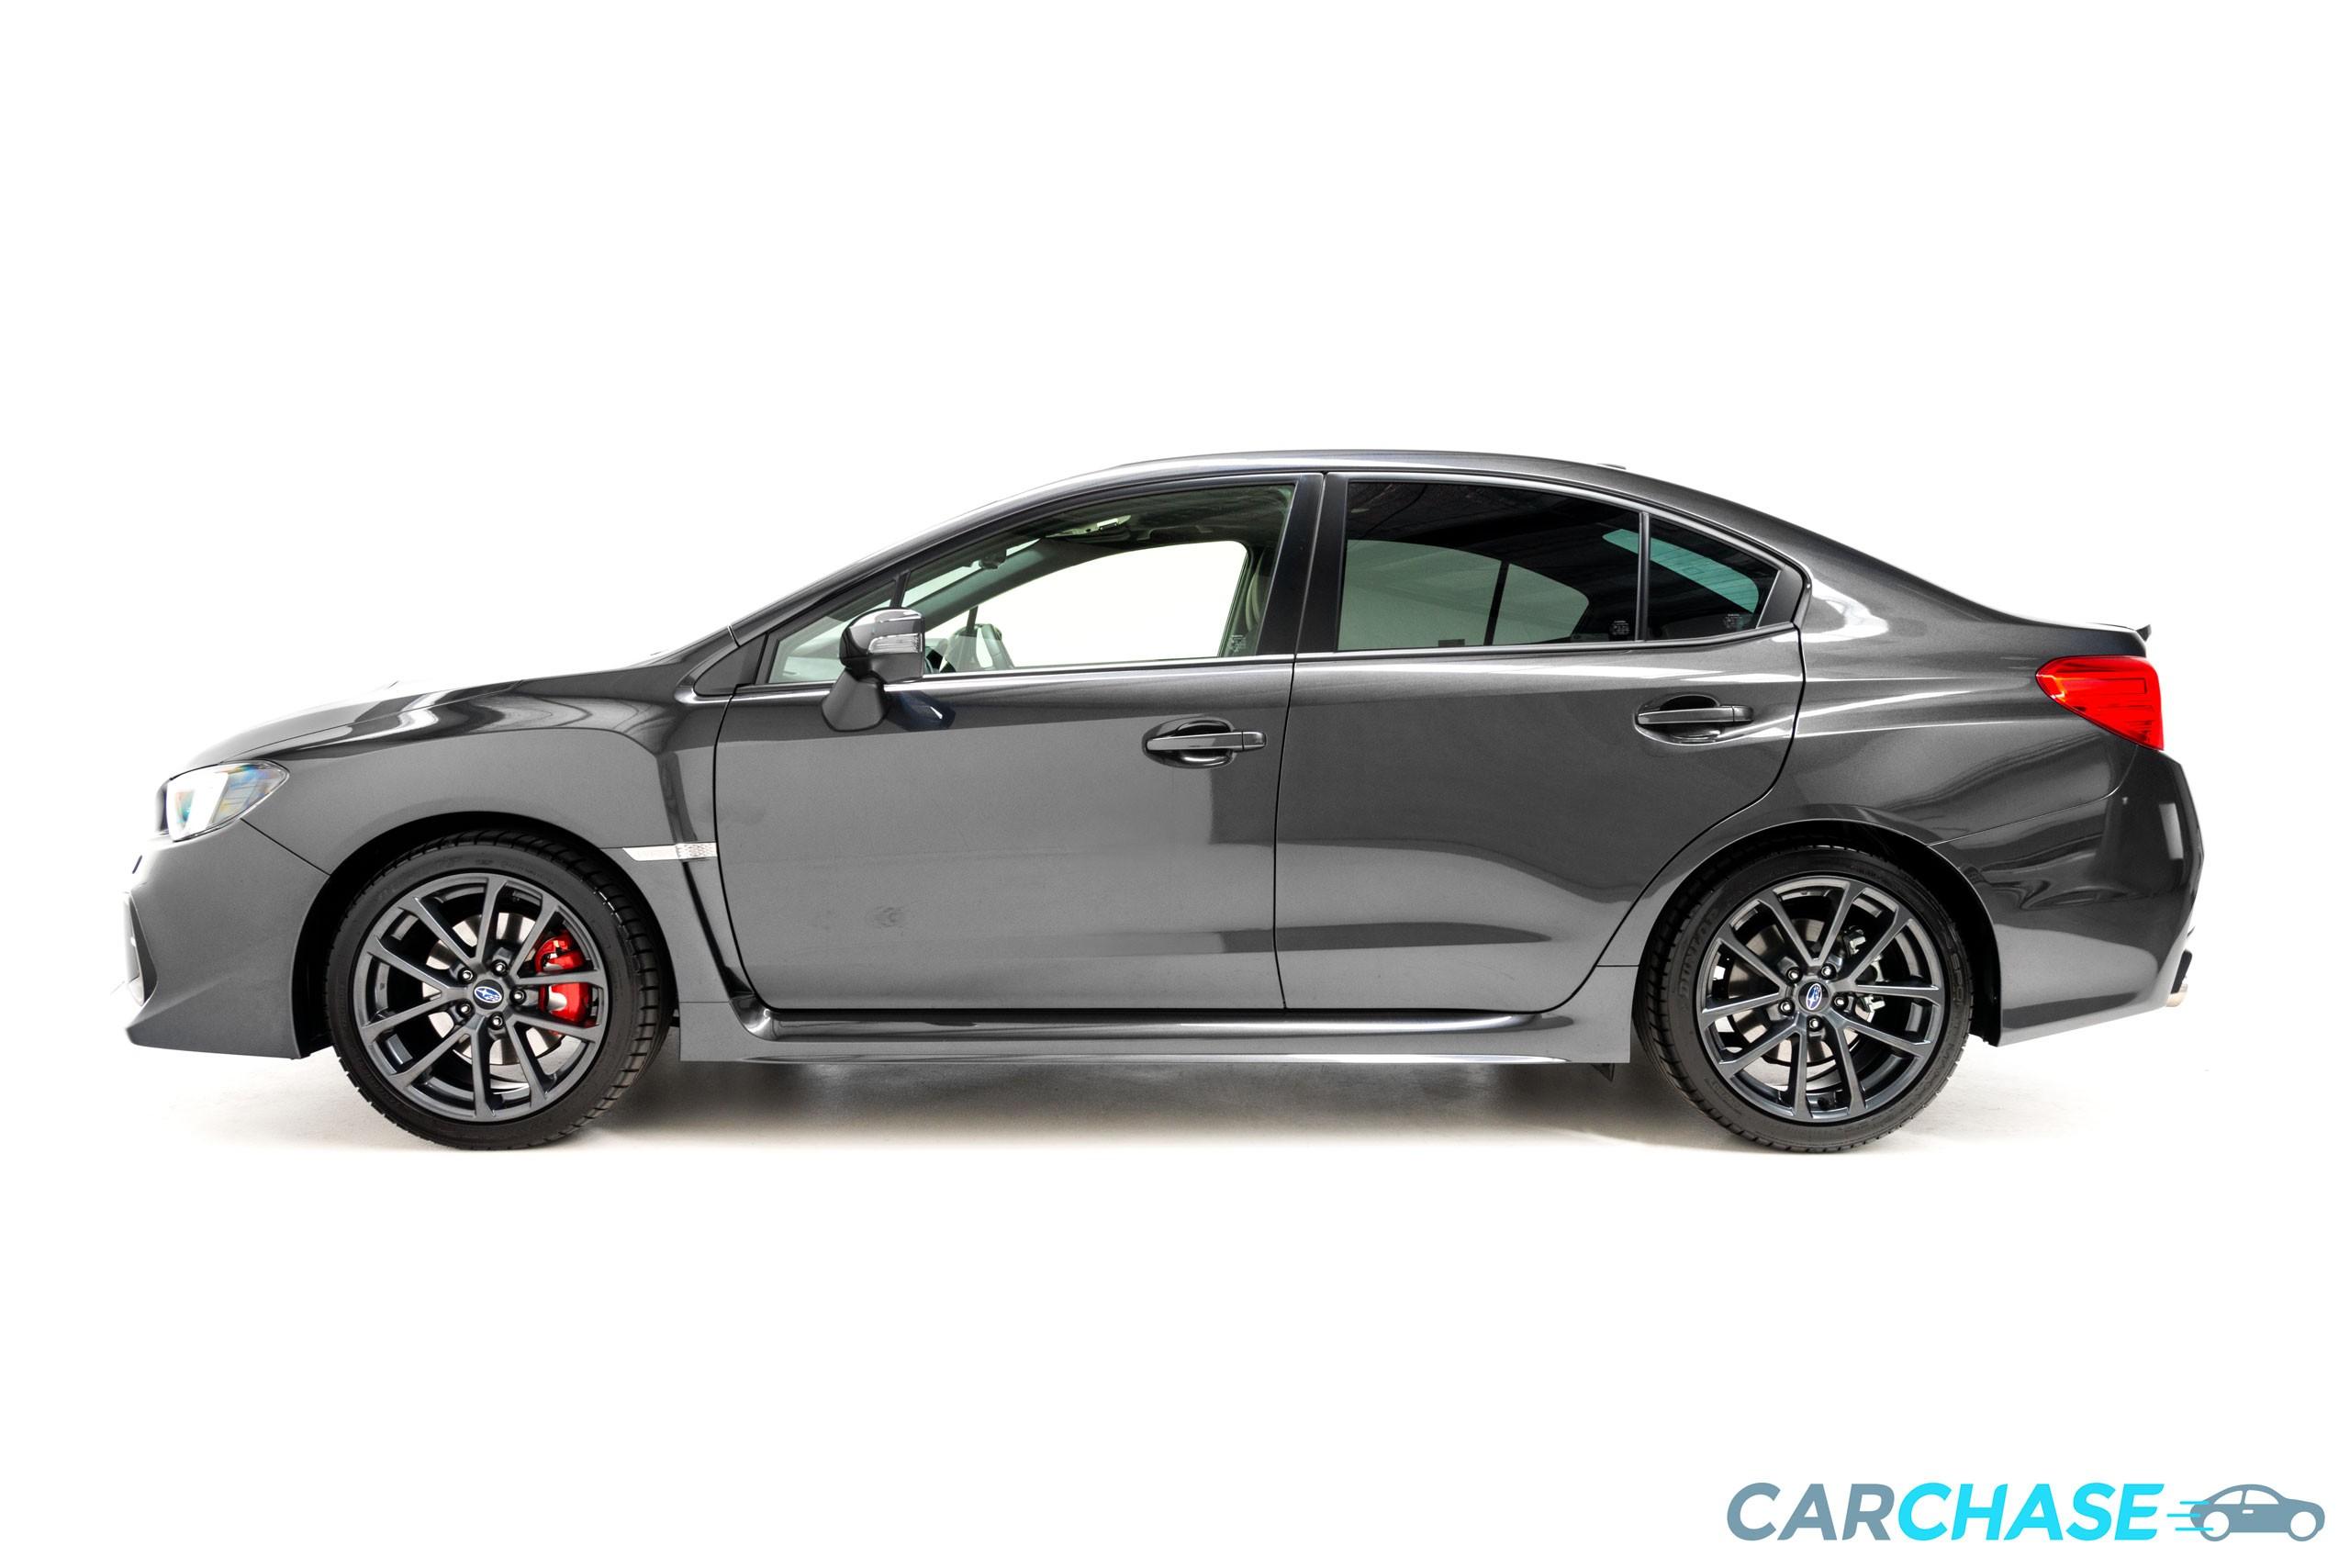 Image of left profile of 2018 Subaru WRX Premium